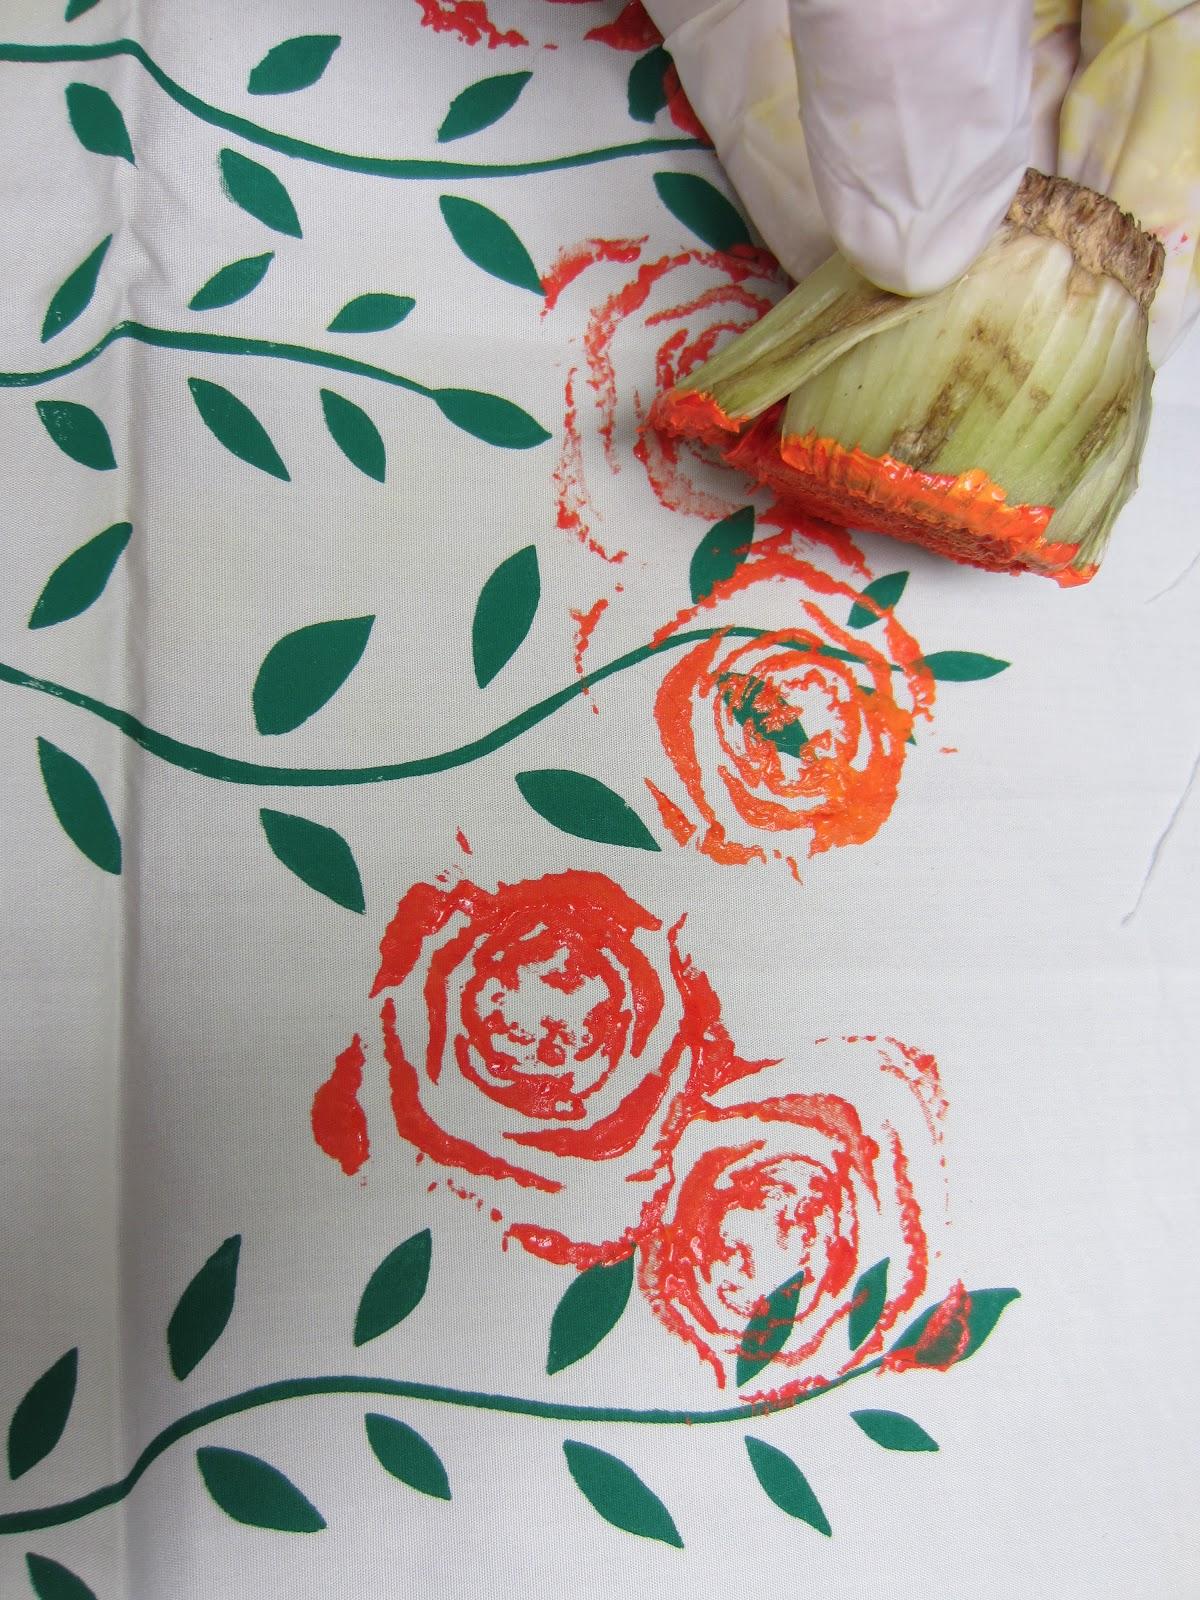 Vegetable printing designs images for Vegetable design